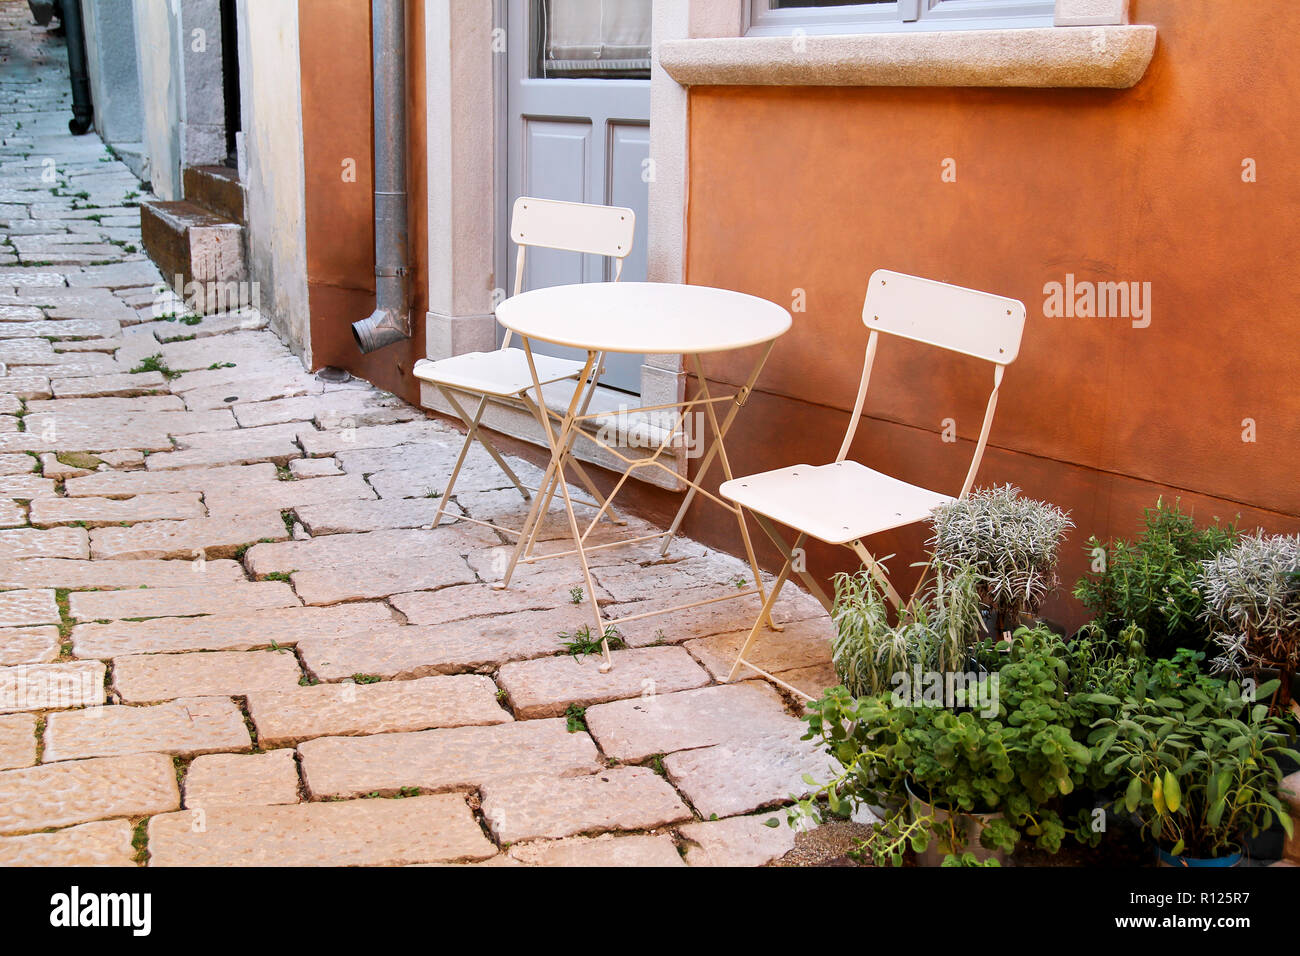 Des chaises et une table dans le jardin. Chaises en acier et ...